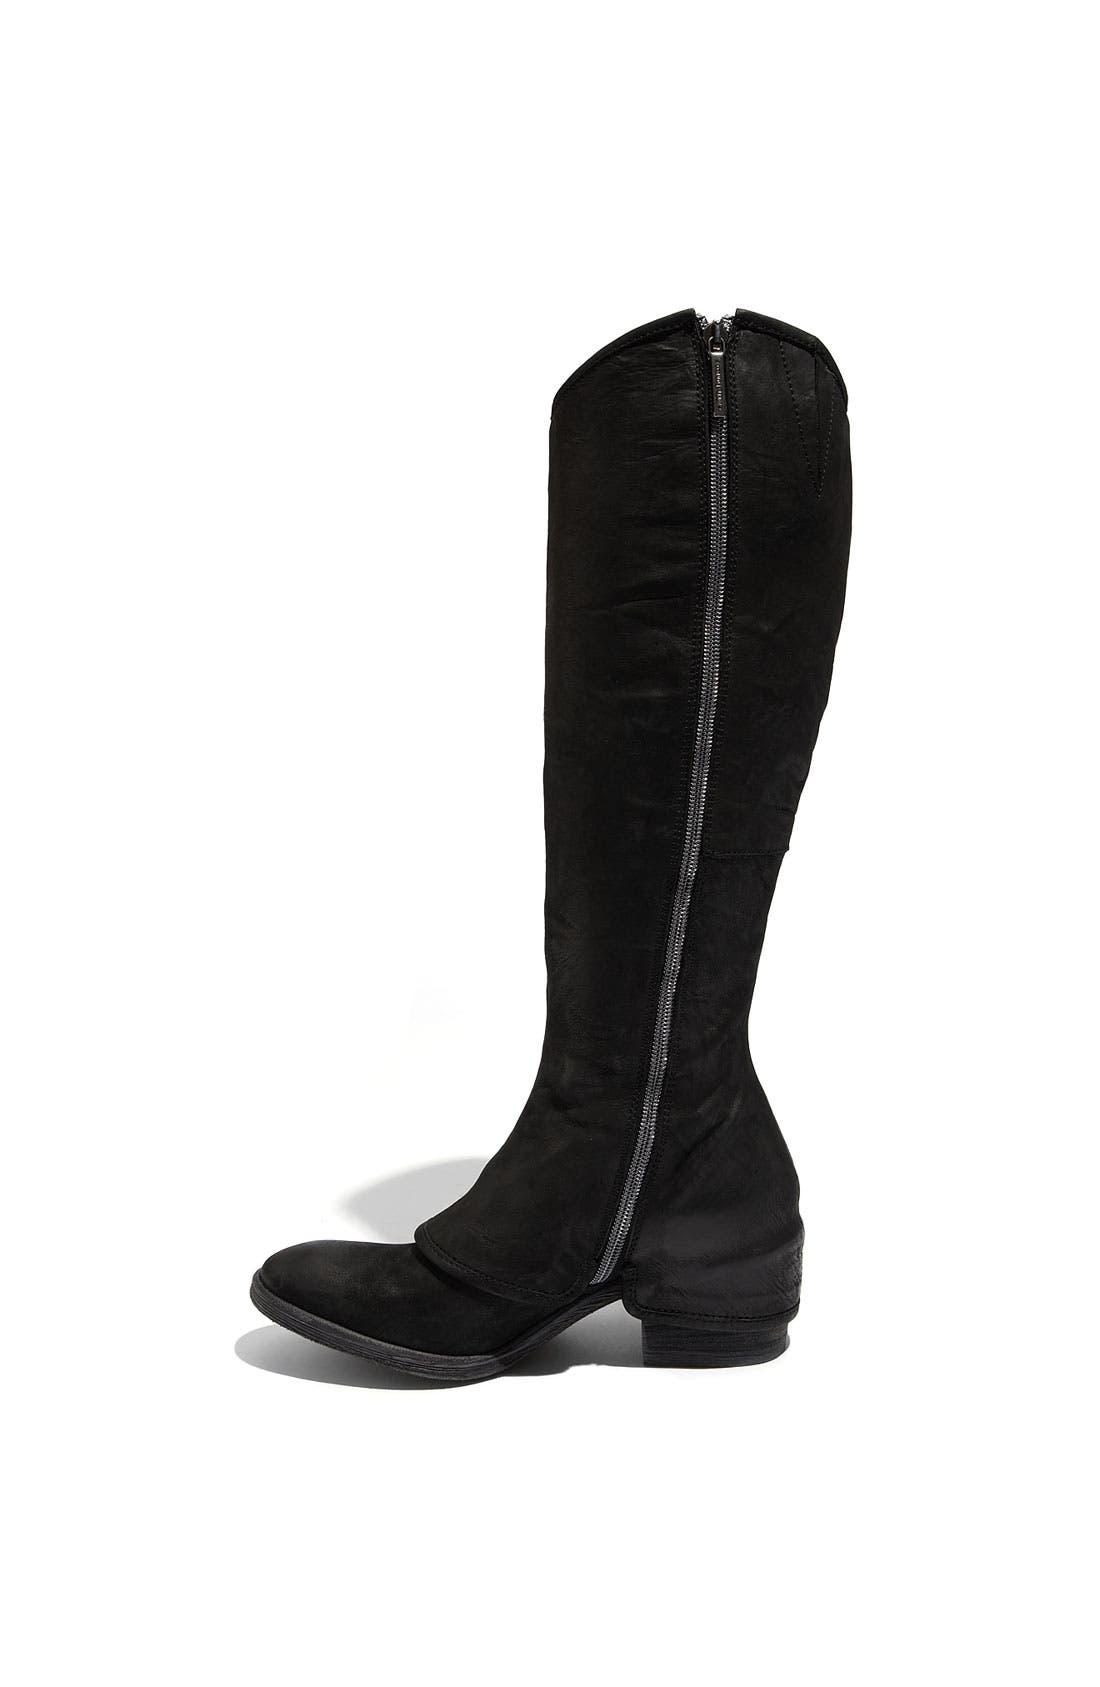 Alternate Image 2  - Donald J Pliner 'Devi' Boot (Women)